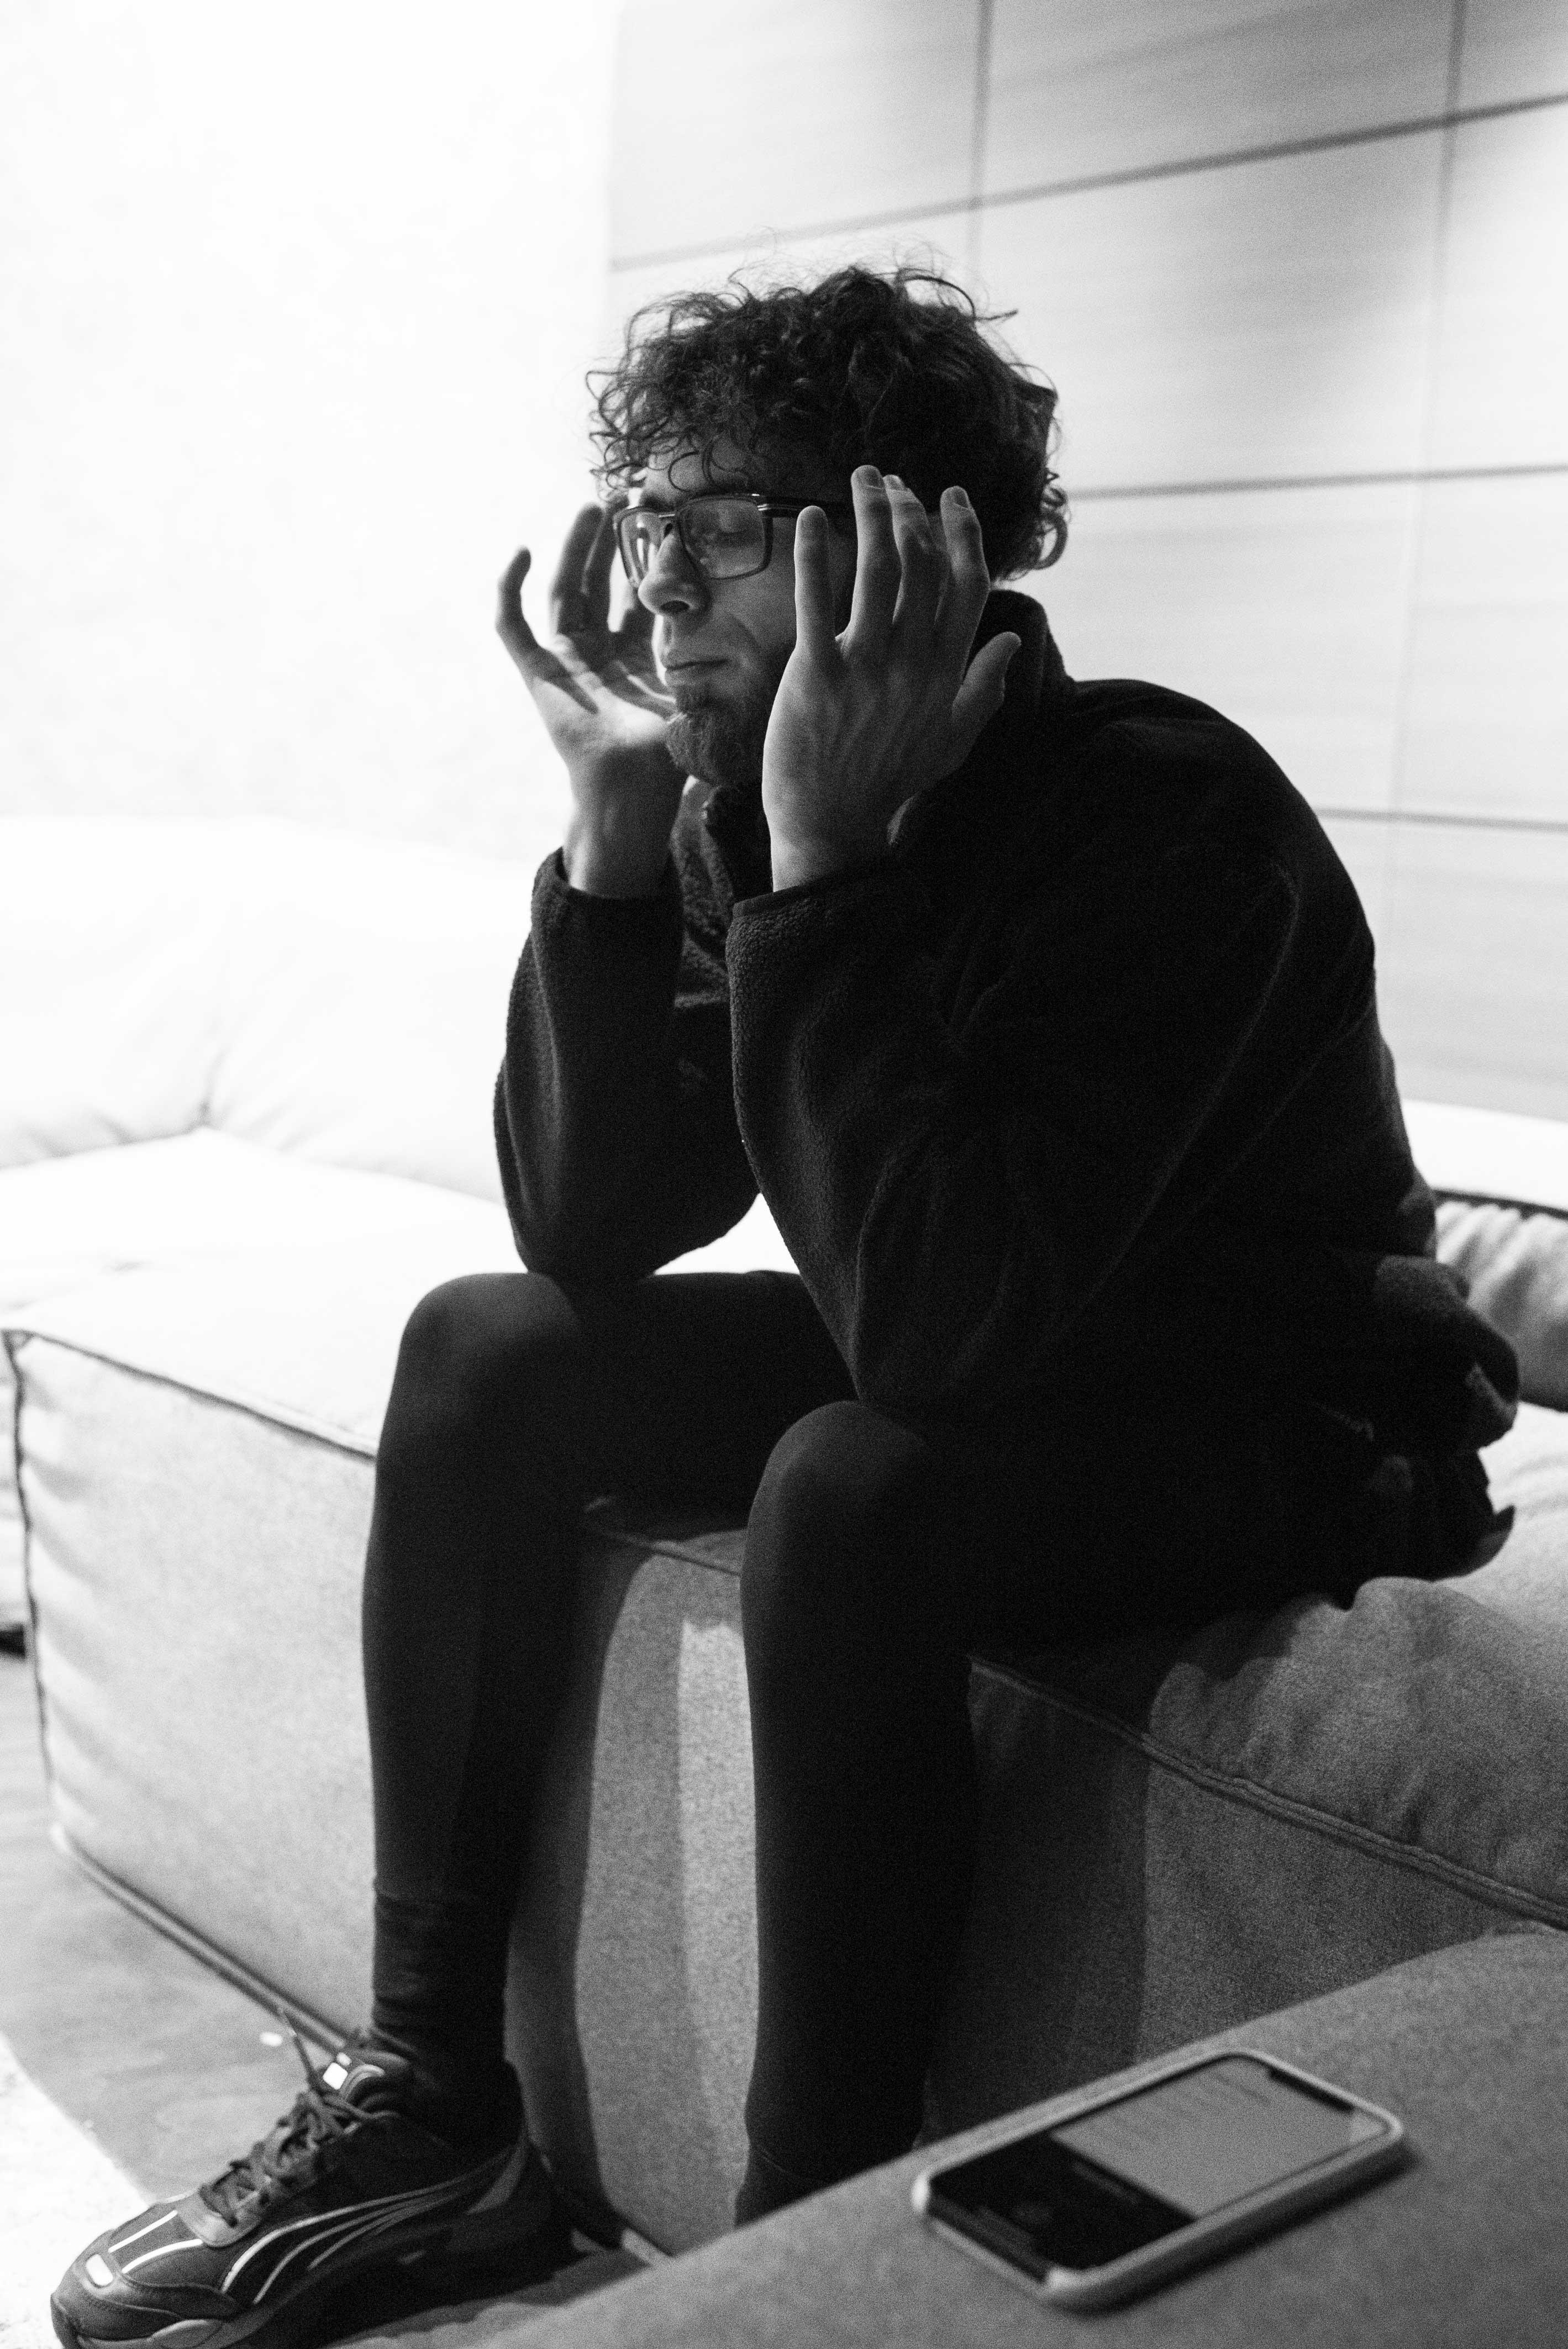 Внедреж: рэпер НЕДРЫ — о дичке, дочке, Моргенштерне, своих принципах и новом альбоме (фото 2)